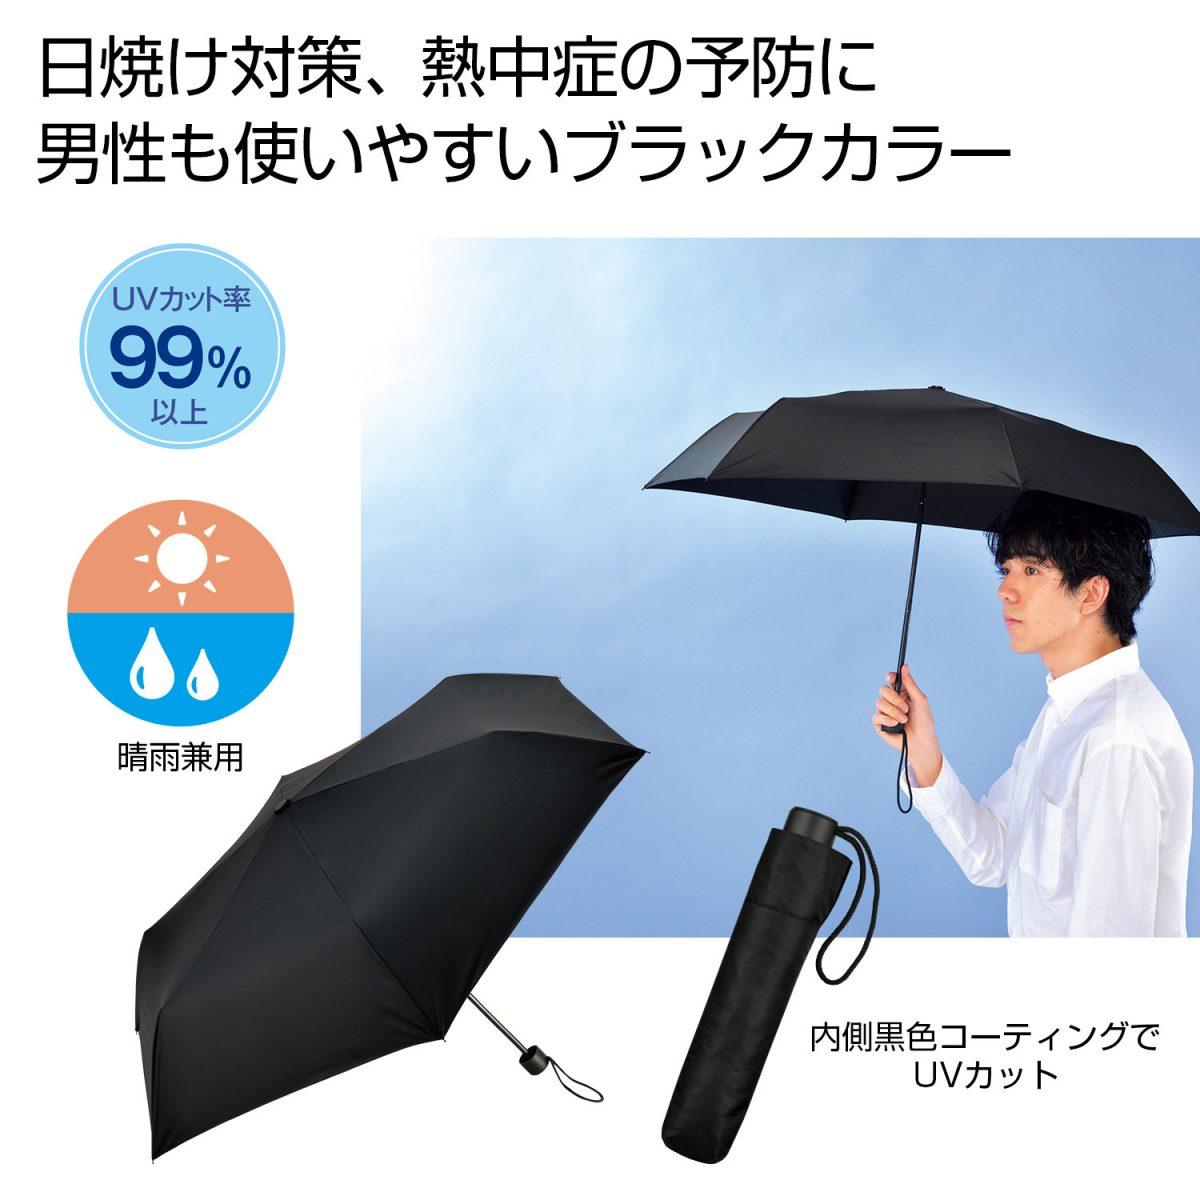 ベーシック晴雨兼用折りたたみ傘